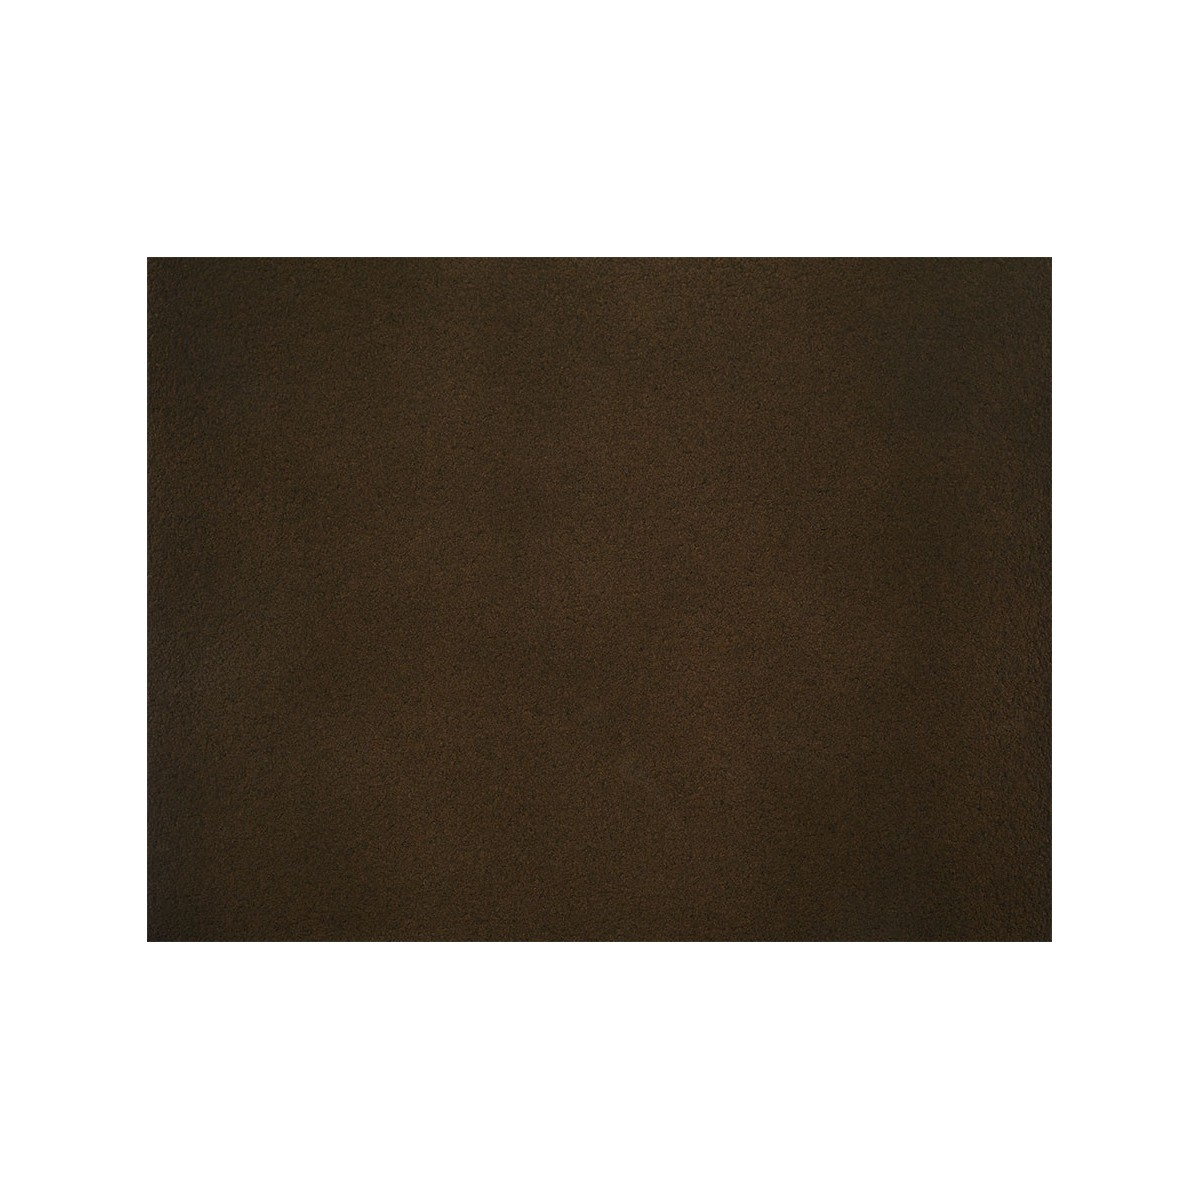 Cork fabric Natural Dark Brown